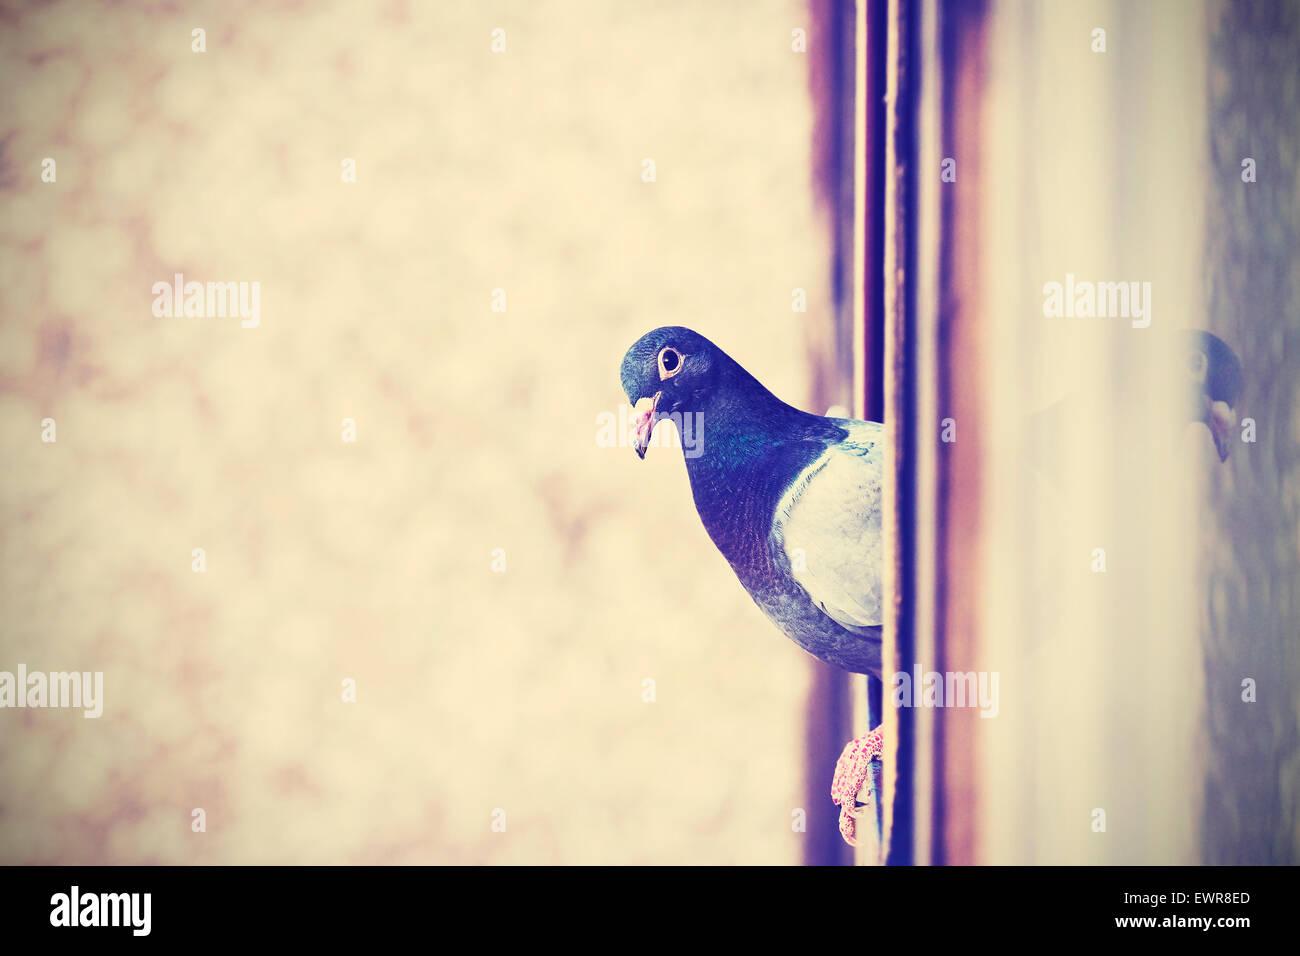 Retro instagram fotografía estilizada de una paloma en la ventana, espacio para el texto. Imagen De Stock